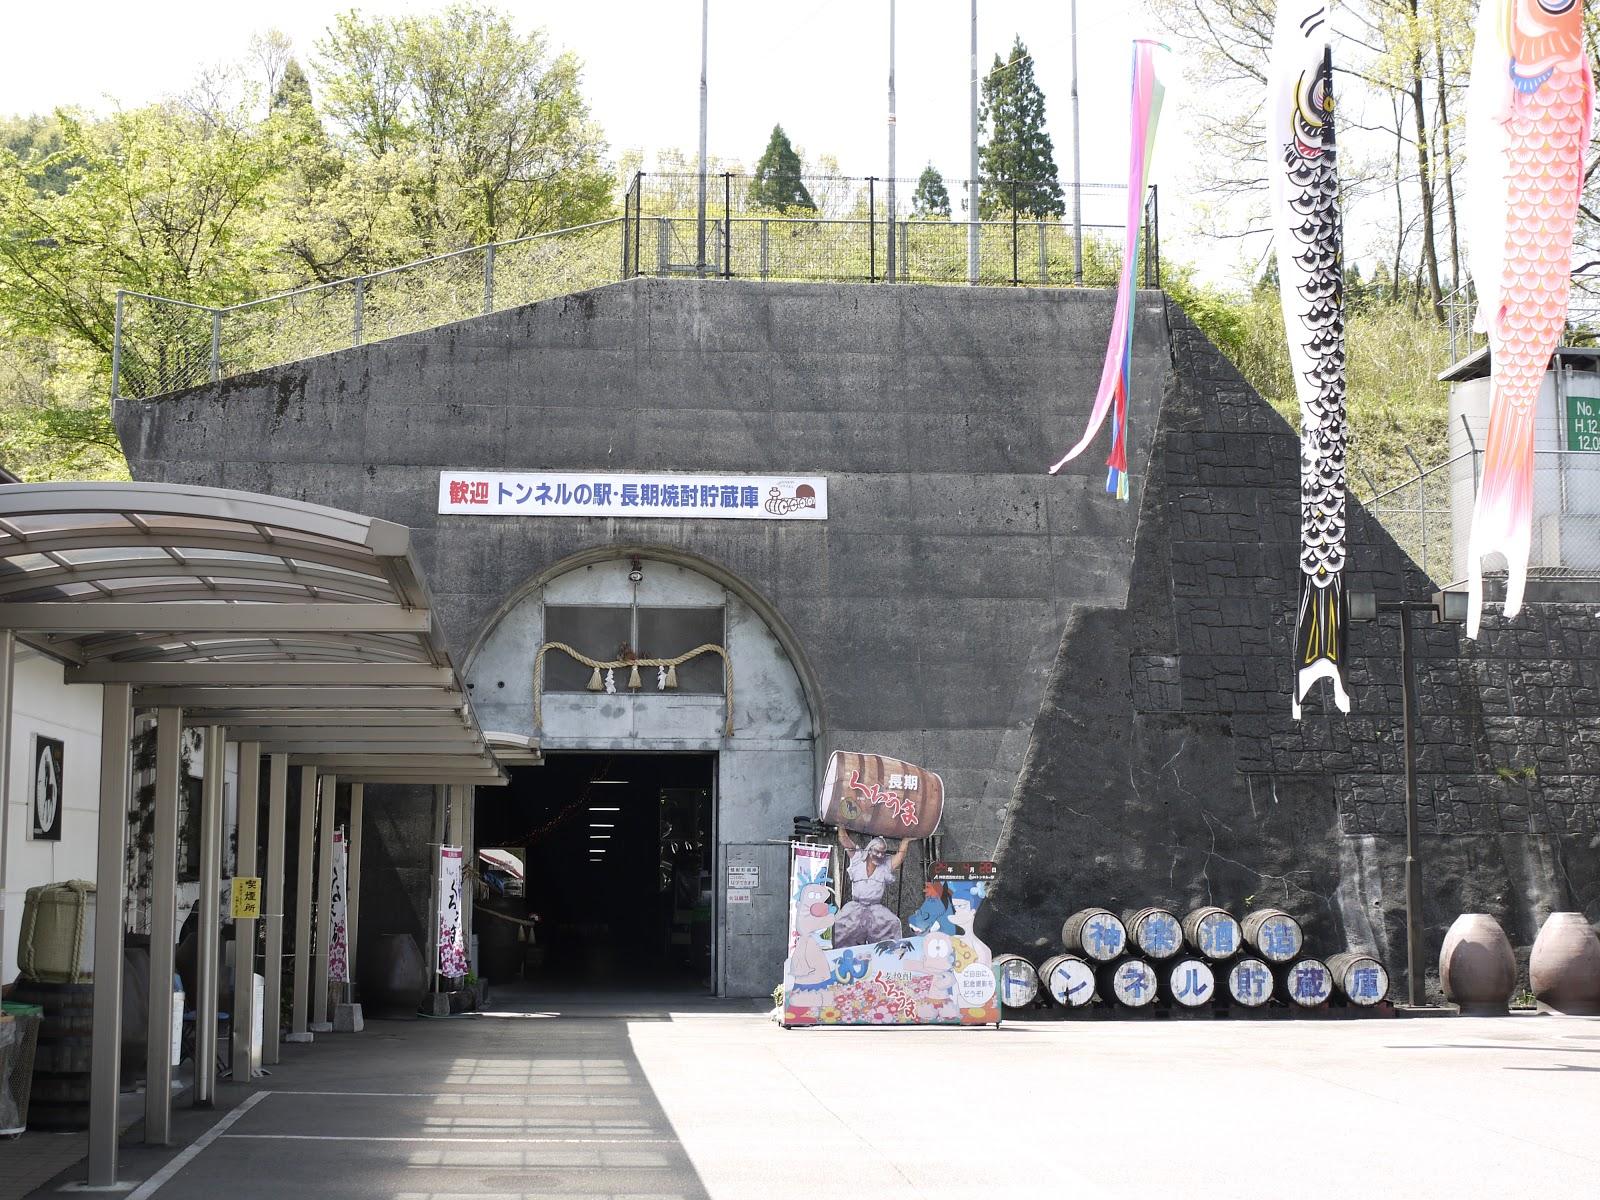 日本国有鉄道経営再建促進特別措置法 - JapaneseClass.jp